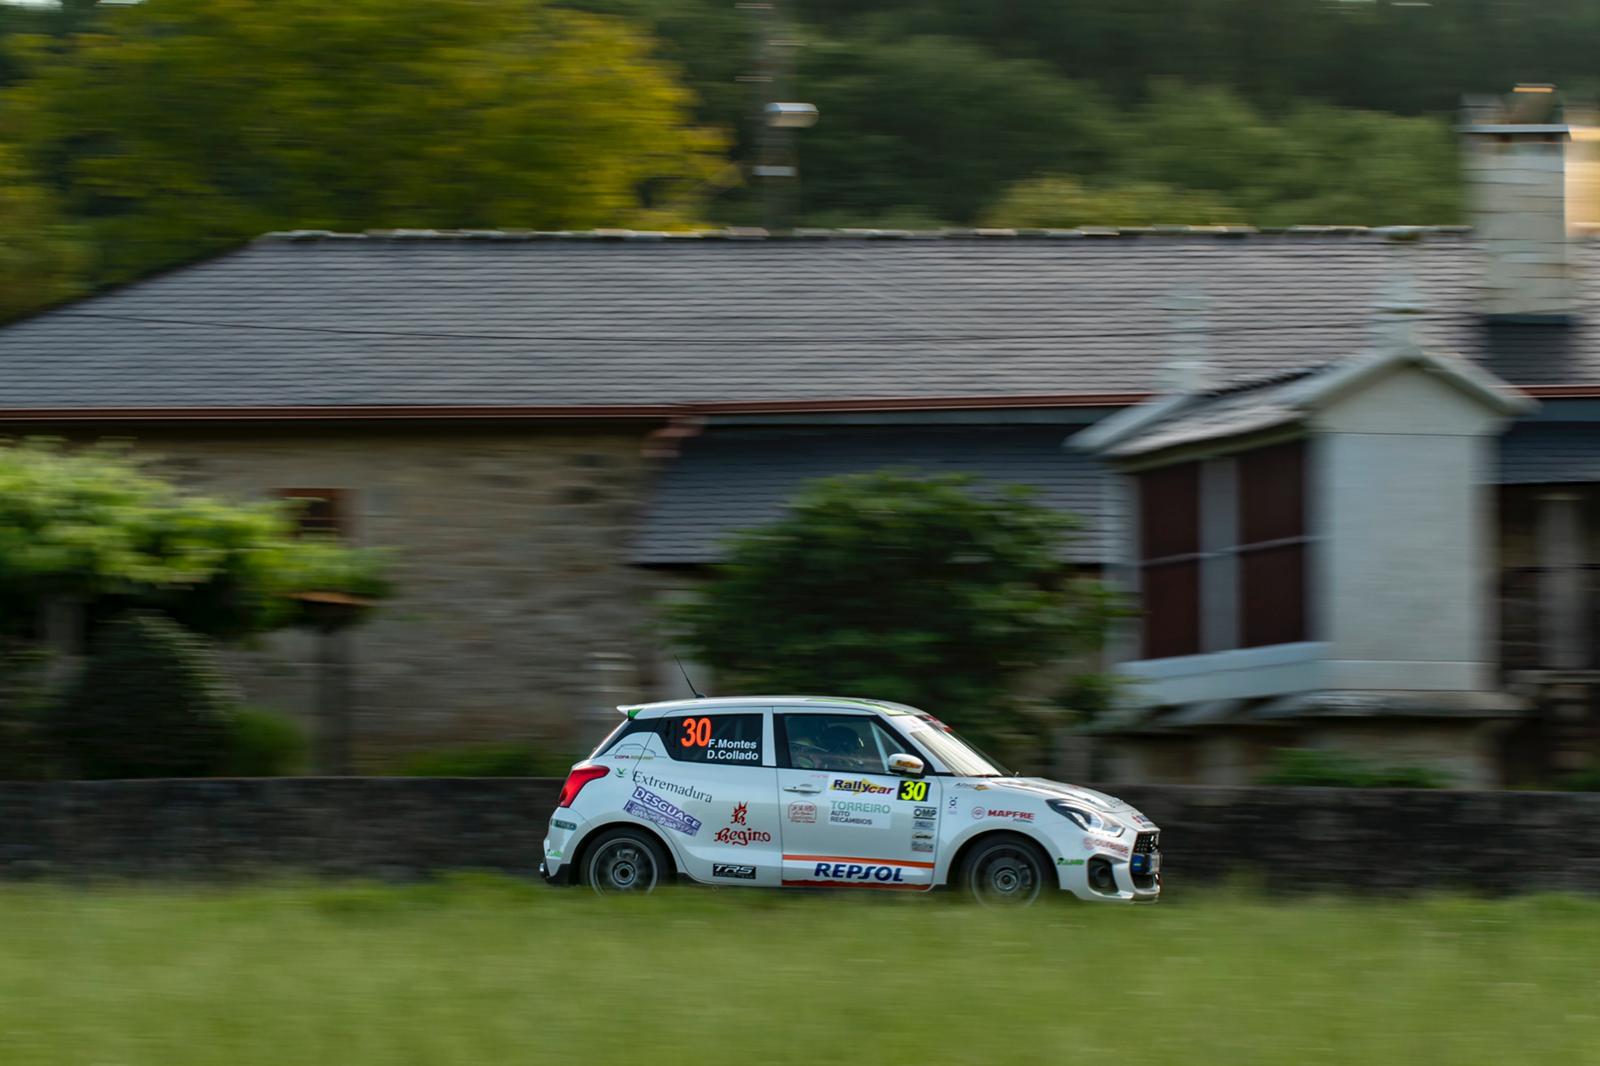 El Rally Princesa de Asturias pondrá a prueba a Montes y Collado